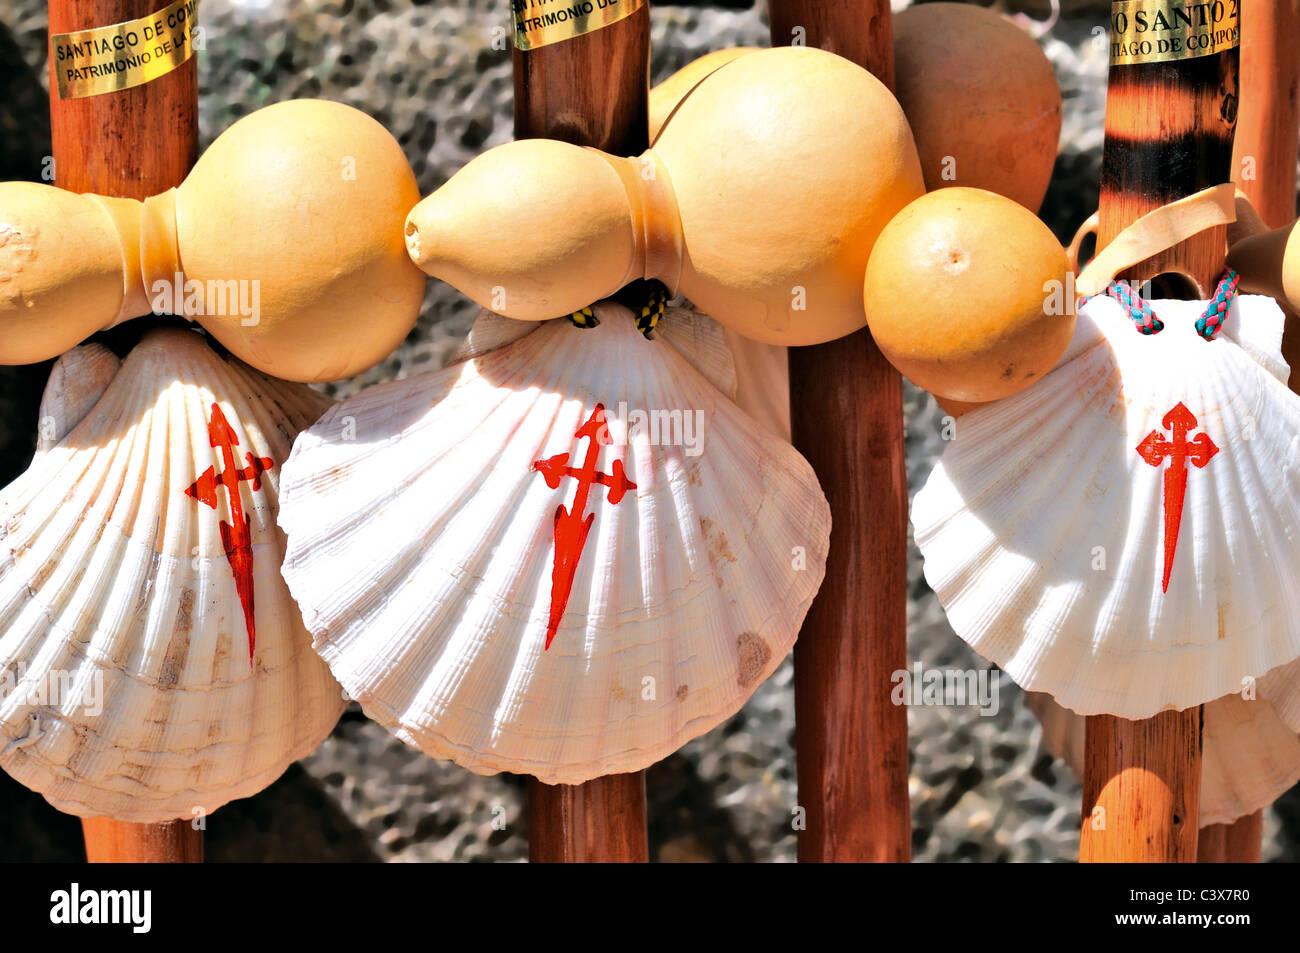 Spagna Galizia: Simboli della Saint James titolo pellegrinaggio a Santiago de Compostela Immagini Stock